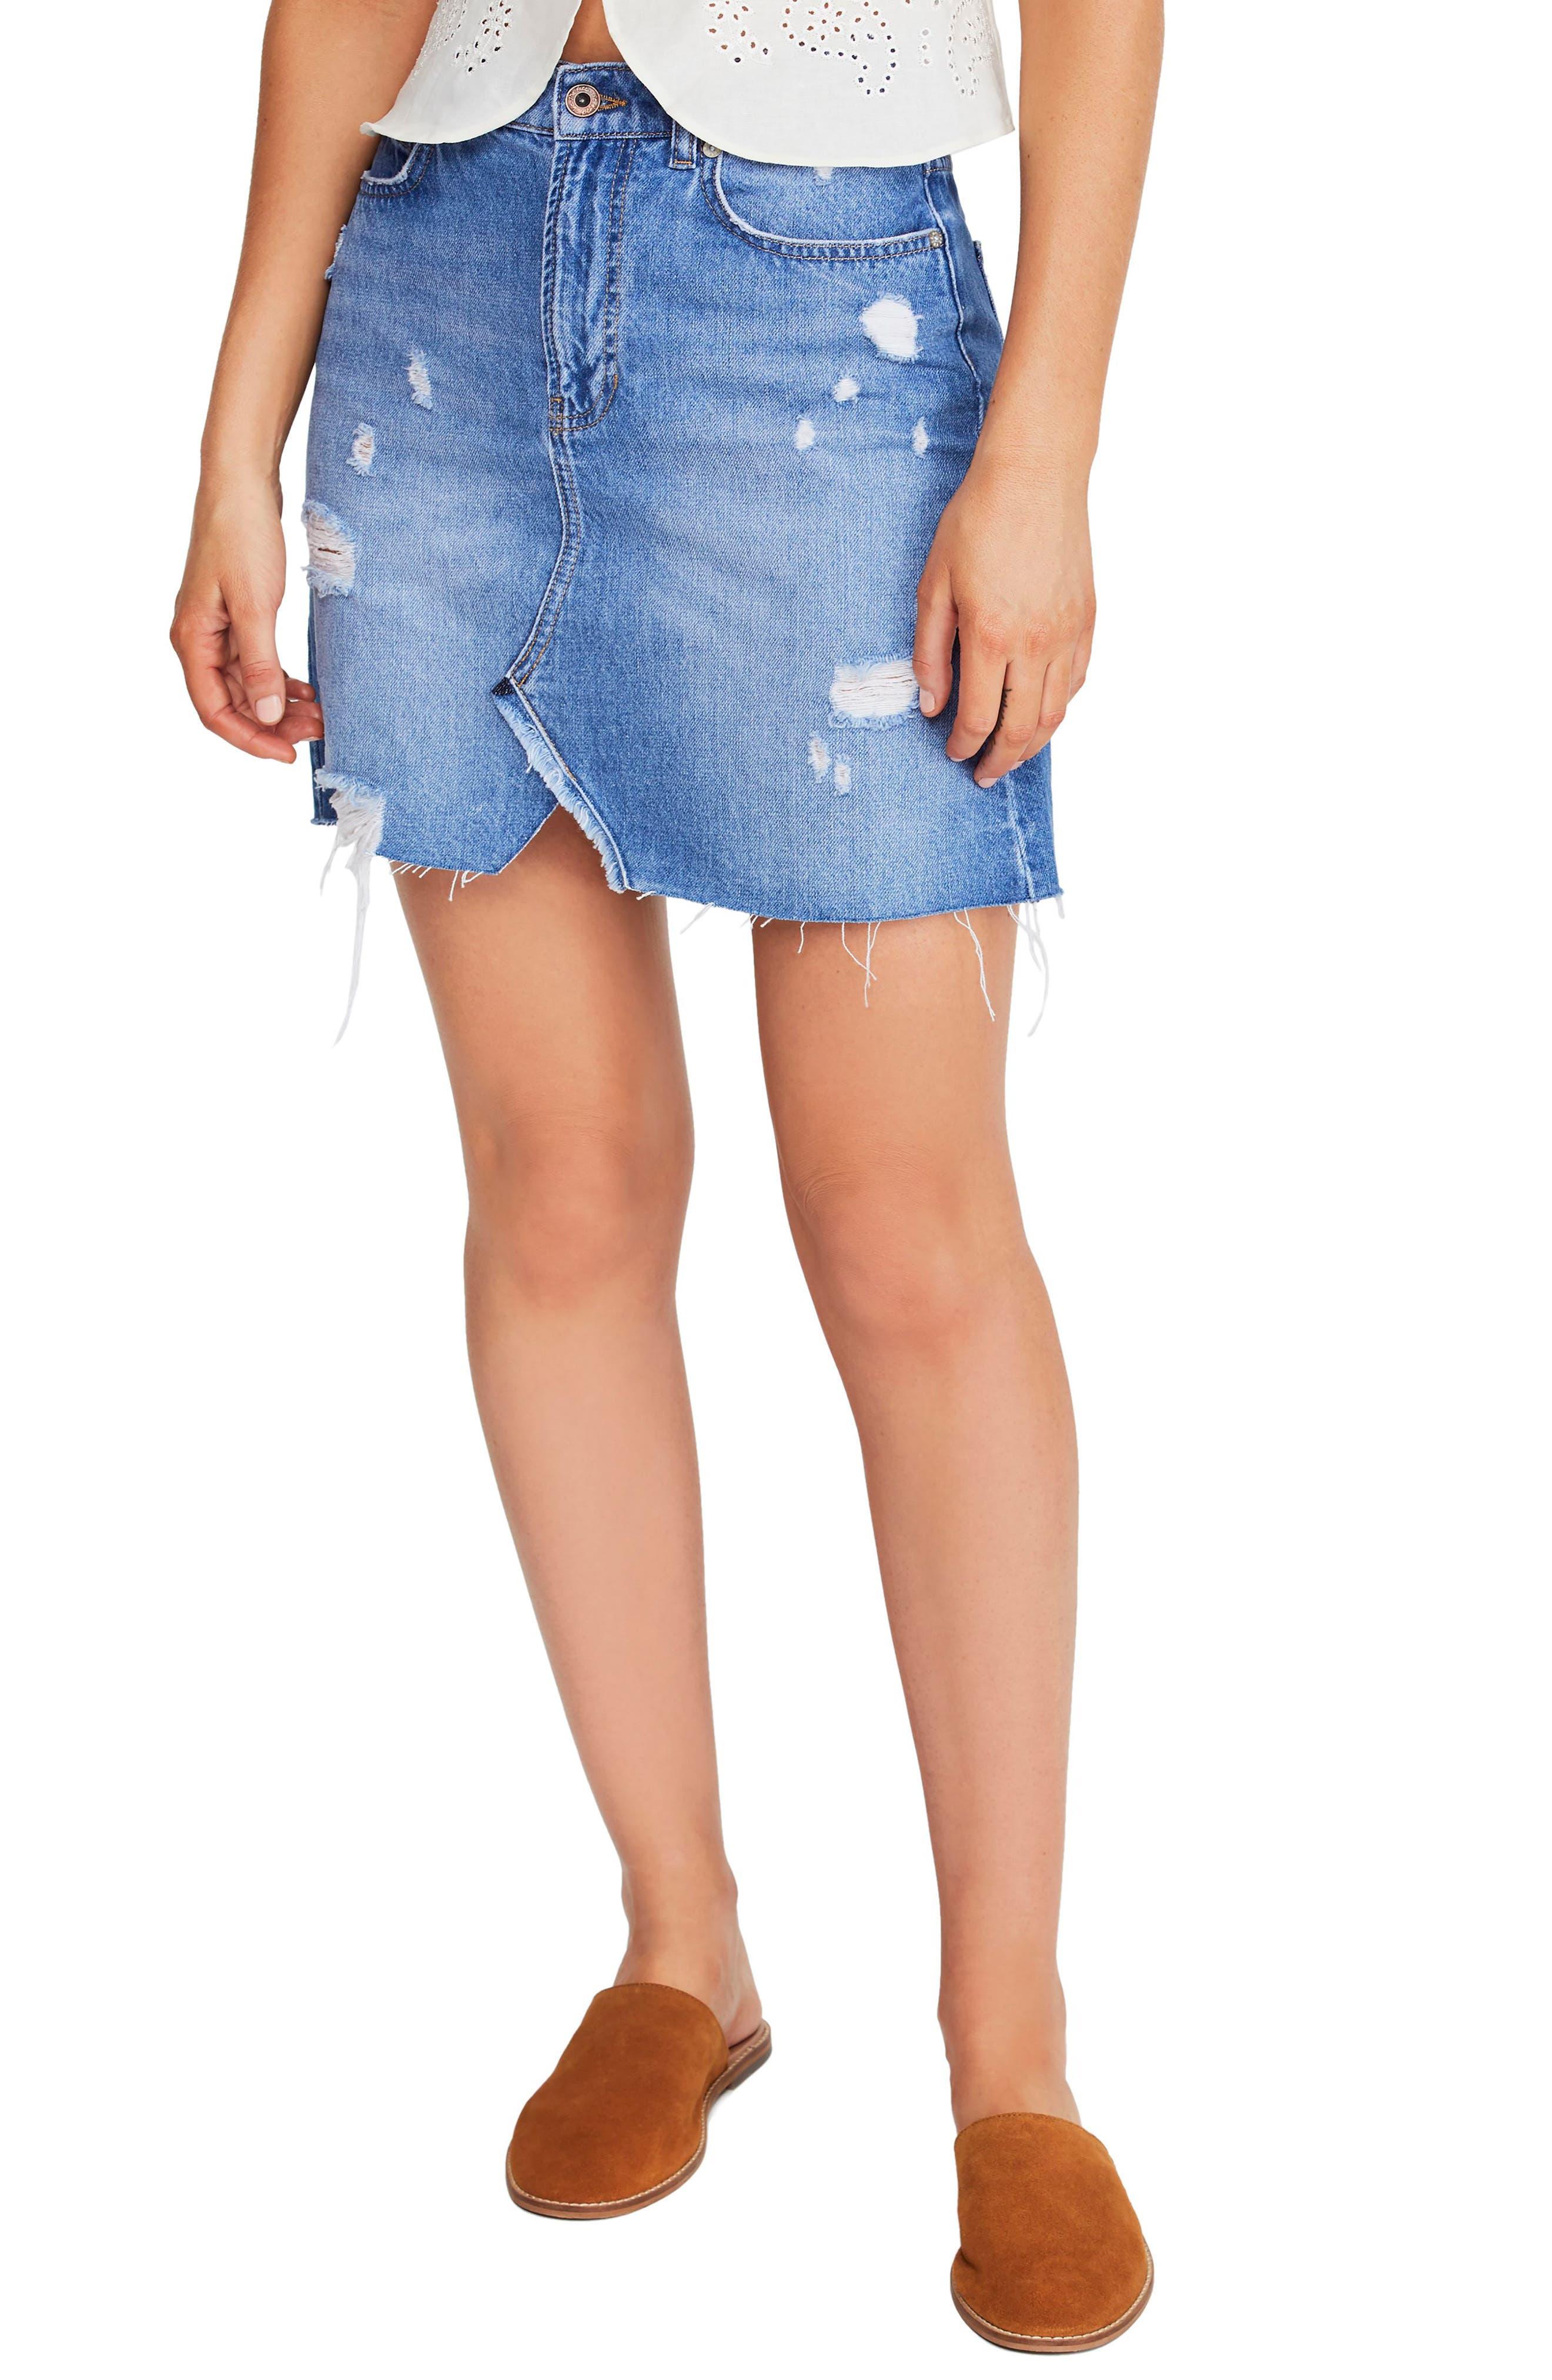 Free People Hallie Denim Miniskirt, Blue